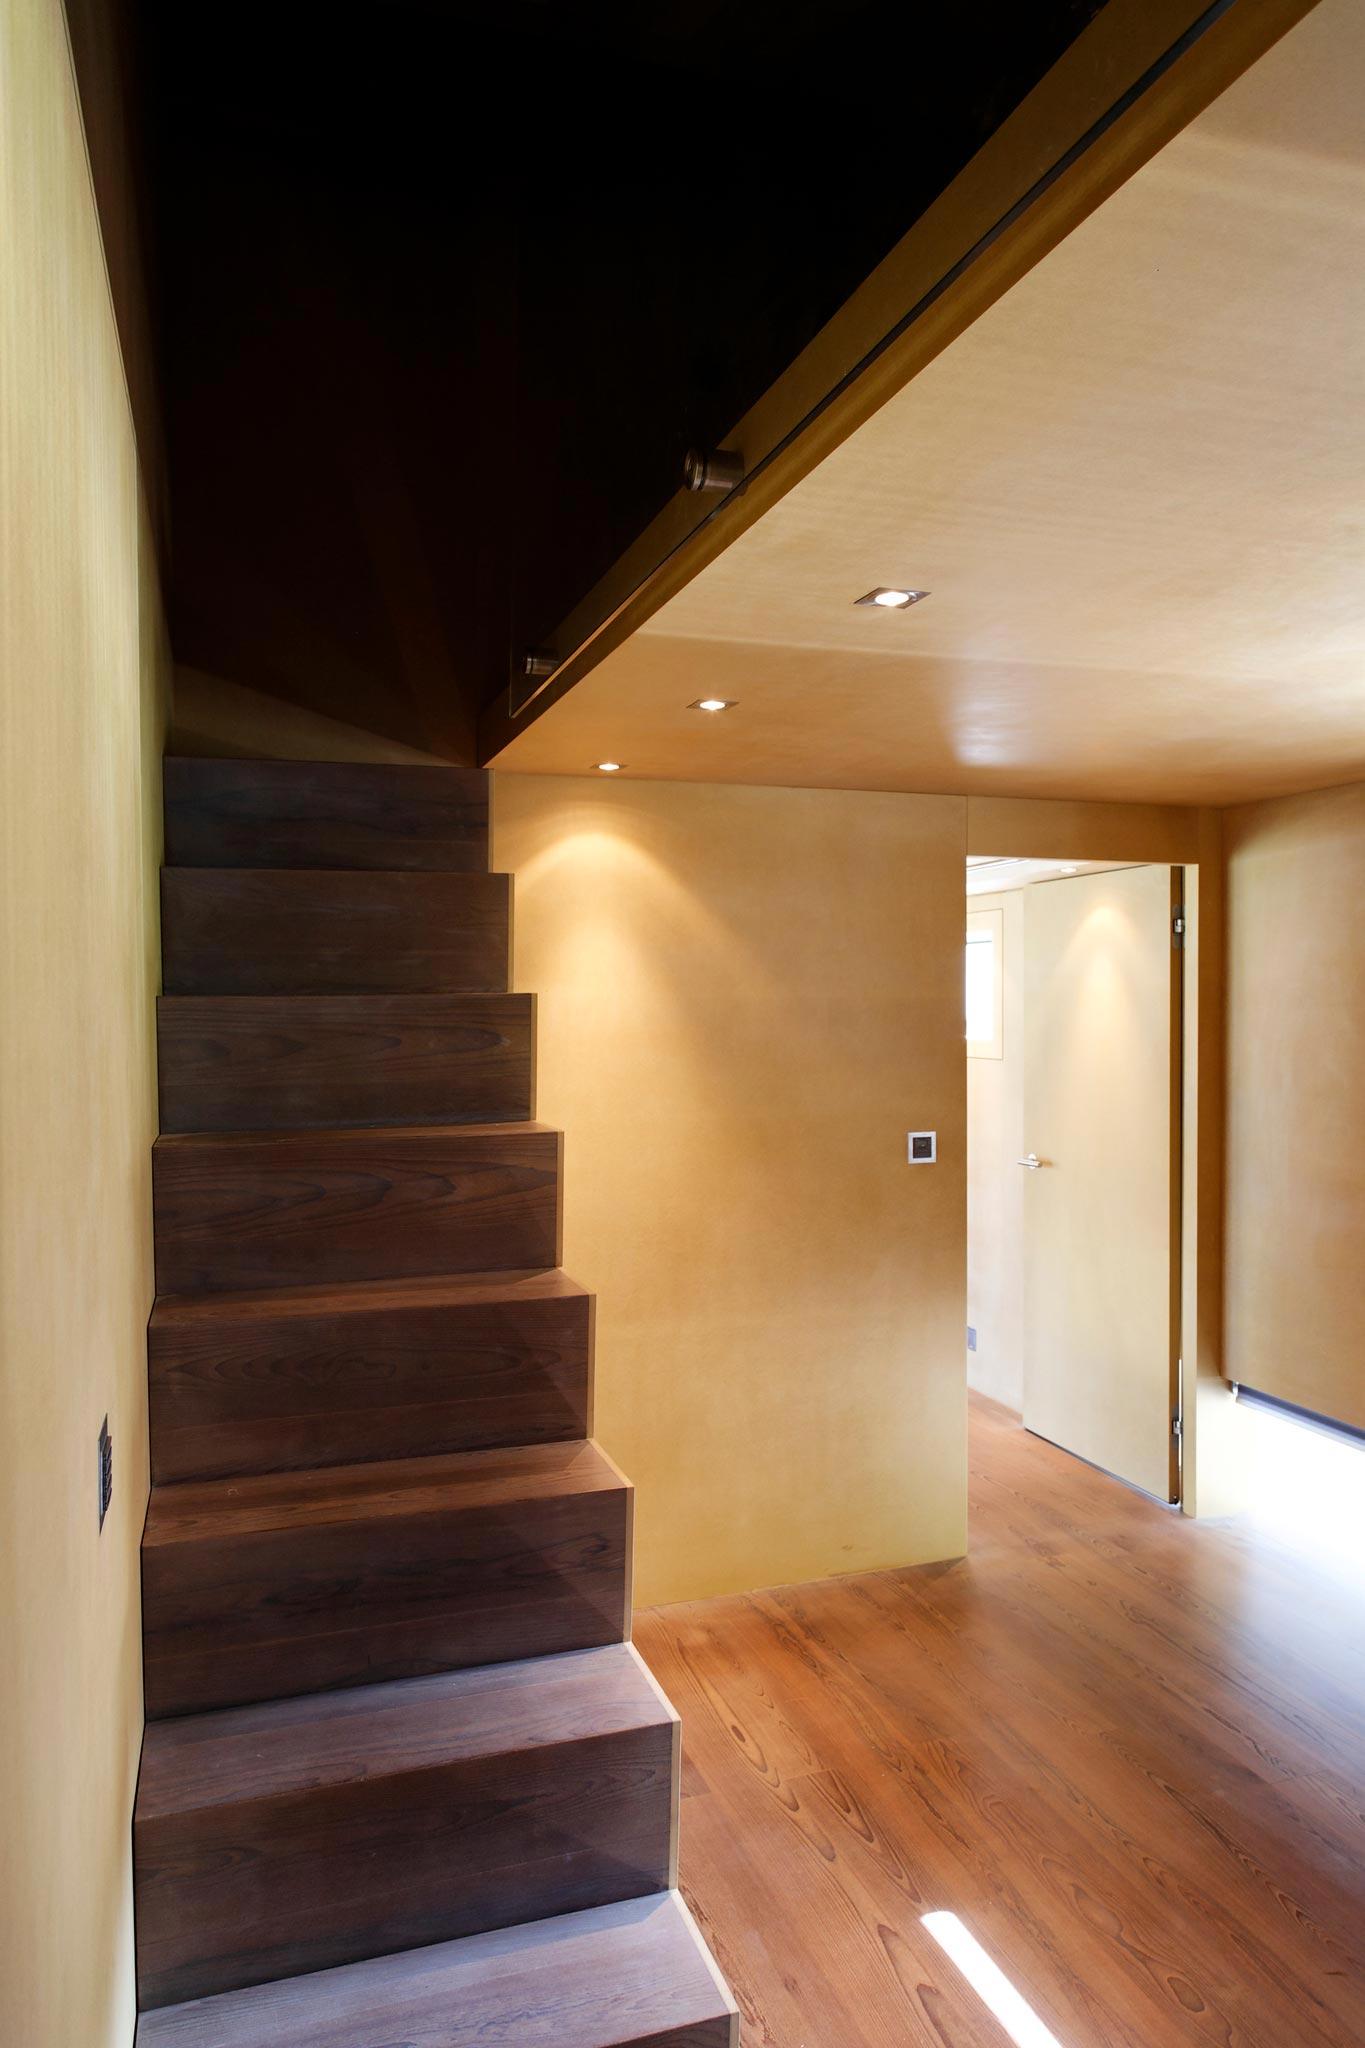 Es Gd Raccard 678 escalierEtage vtc 20 05 012 - Le 2ème escalier du Grand Raccard